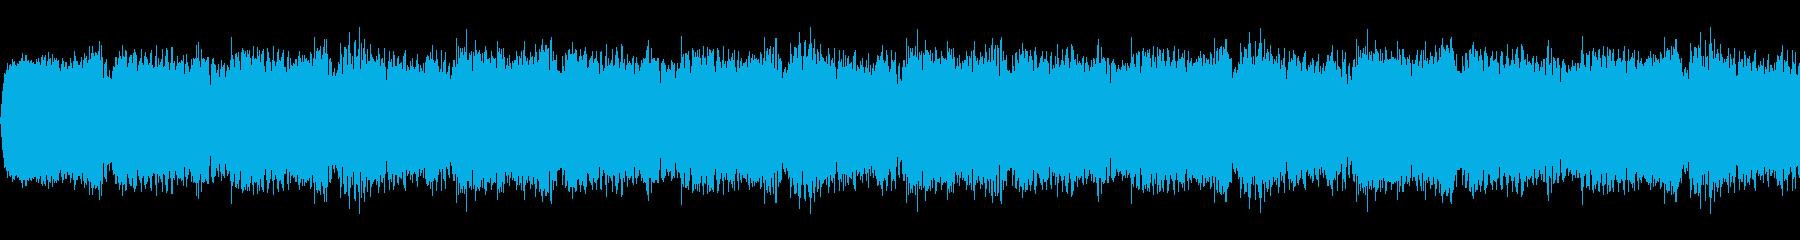 緊迫した雰囲気のホラー系BGM(すごく短の再生済みの波形